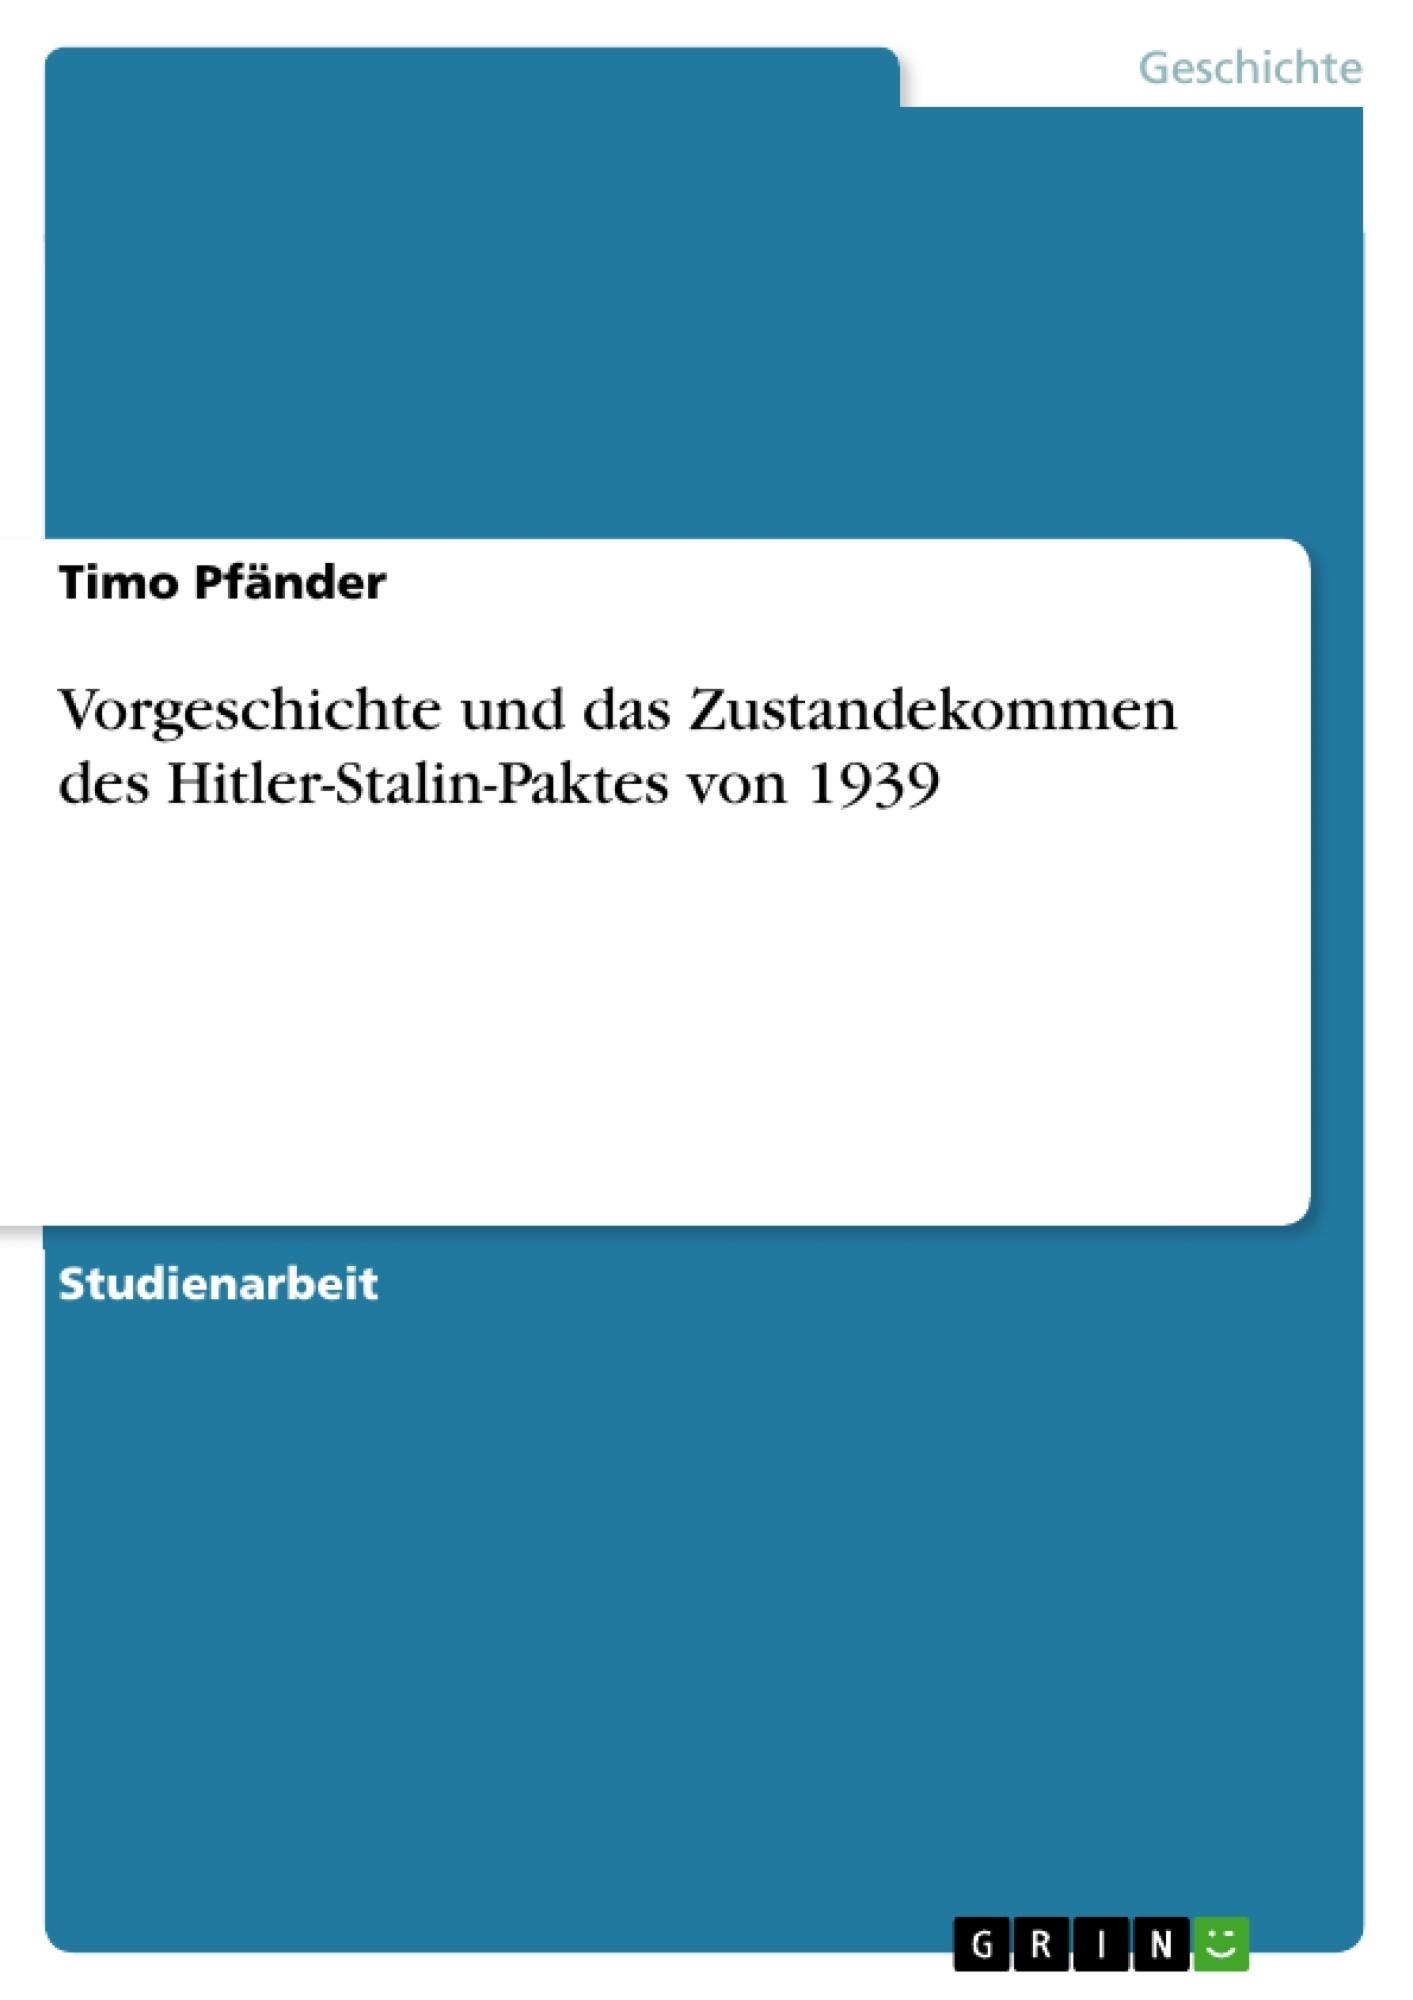 Titel: Vorgeschichte und das Zustandekommen des Hitler-Stalin-Paktes von 1939